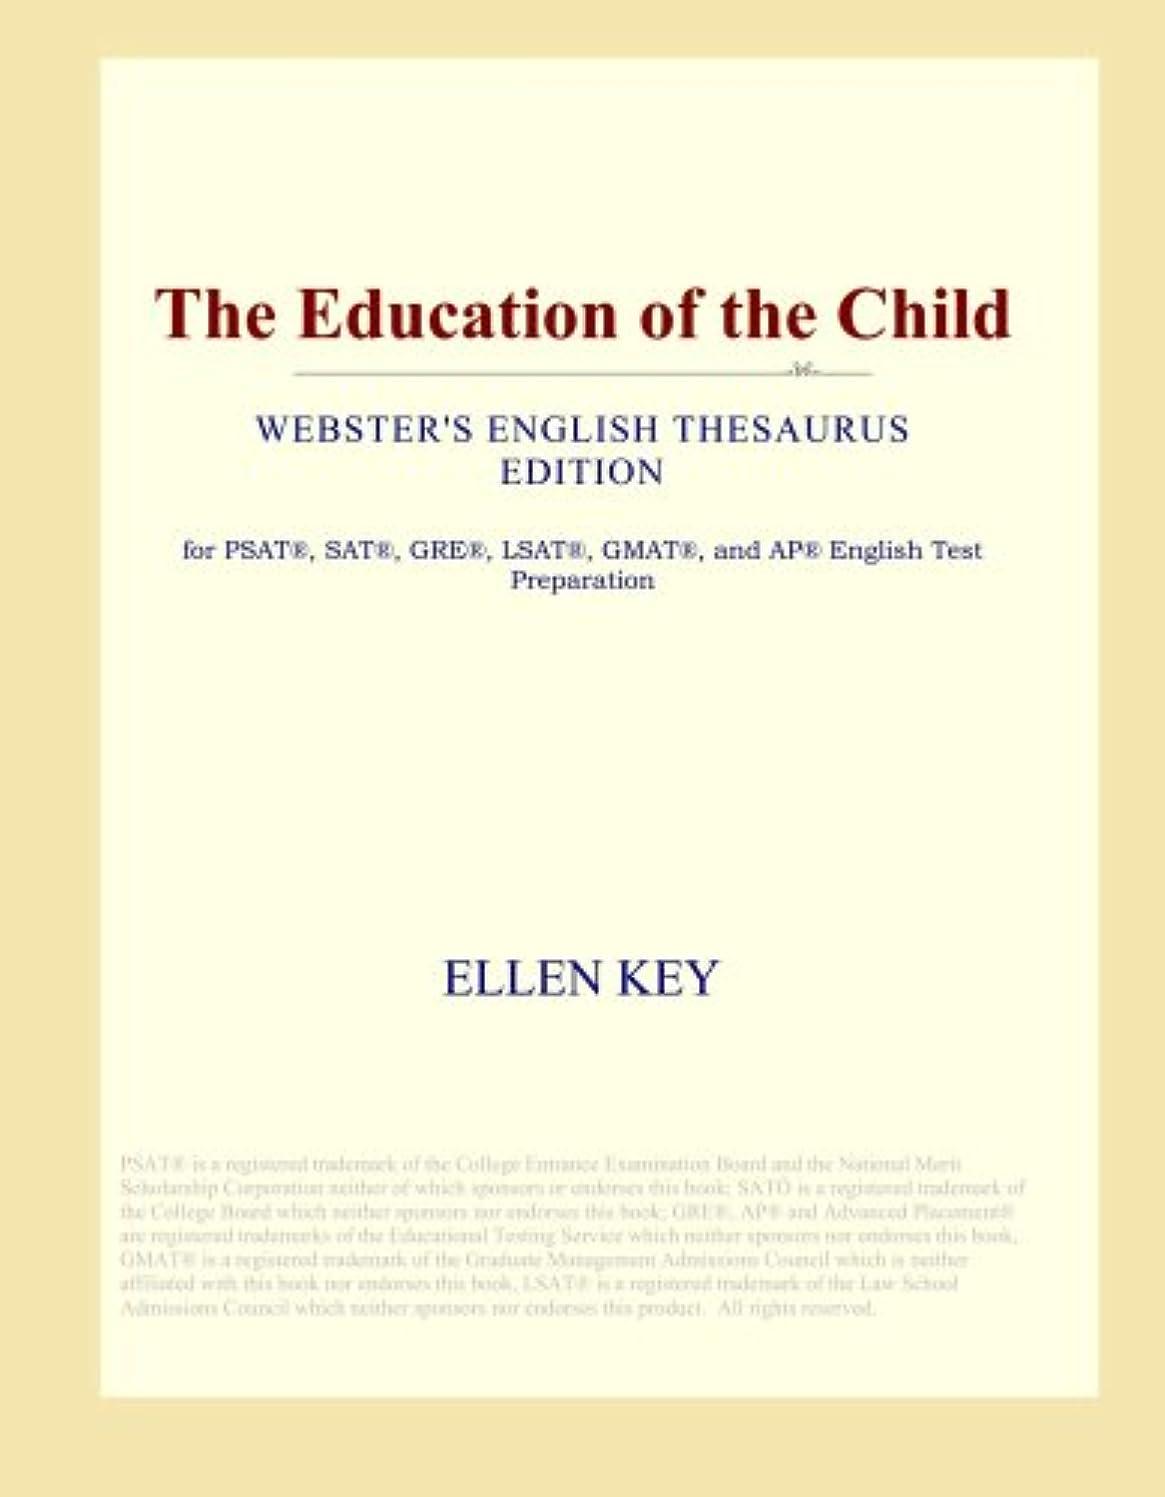 精算キャベツ駐地The Education of the Child (Webster's English Thesaurus Edition)